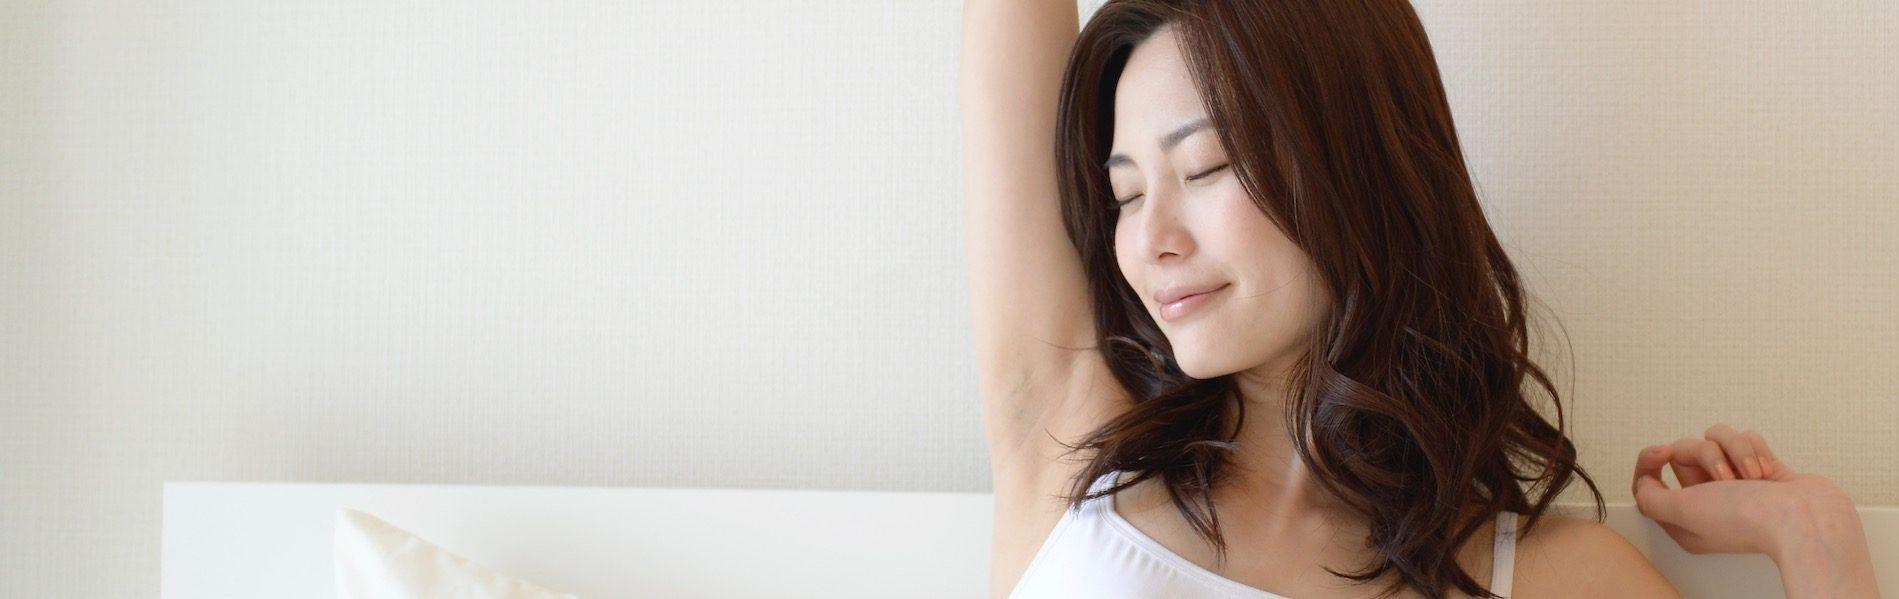 40代からの脳疲労の改善法を提案する【ドライヘッドスパ】